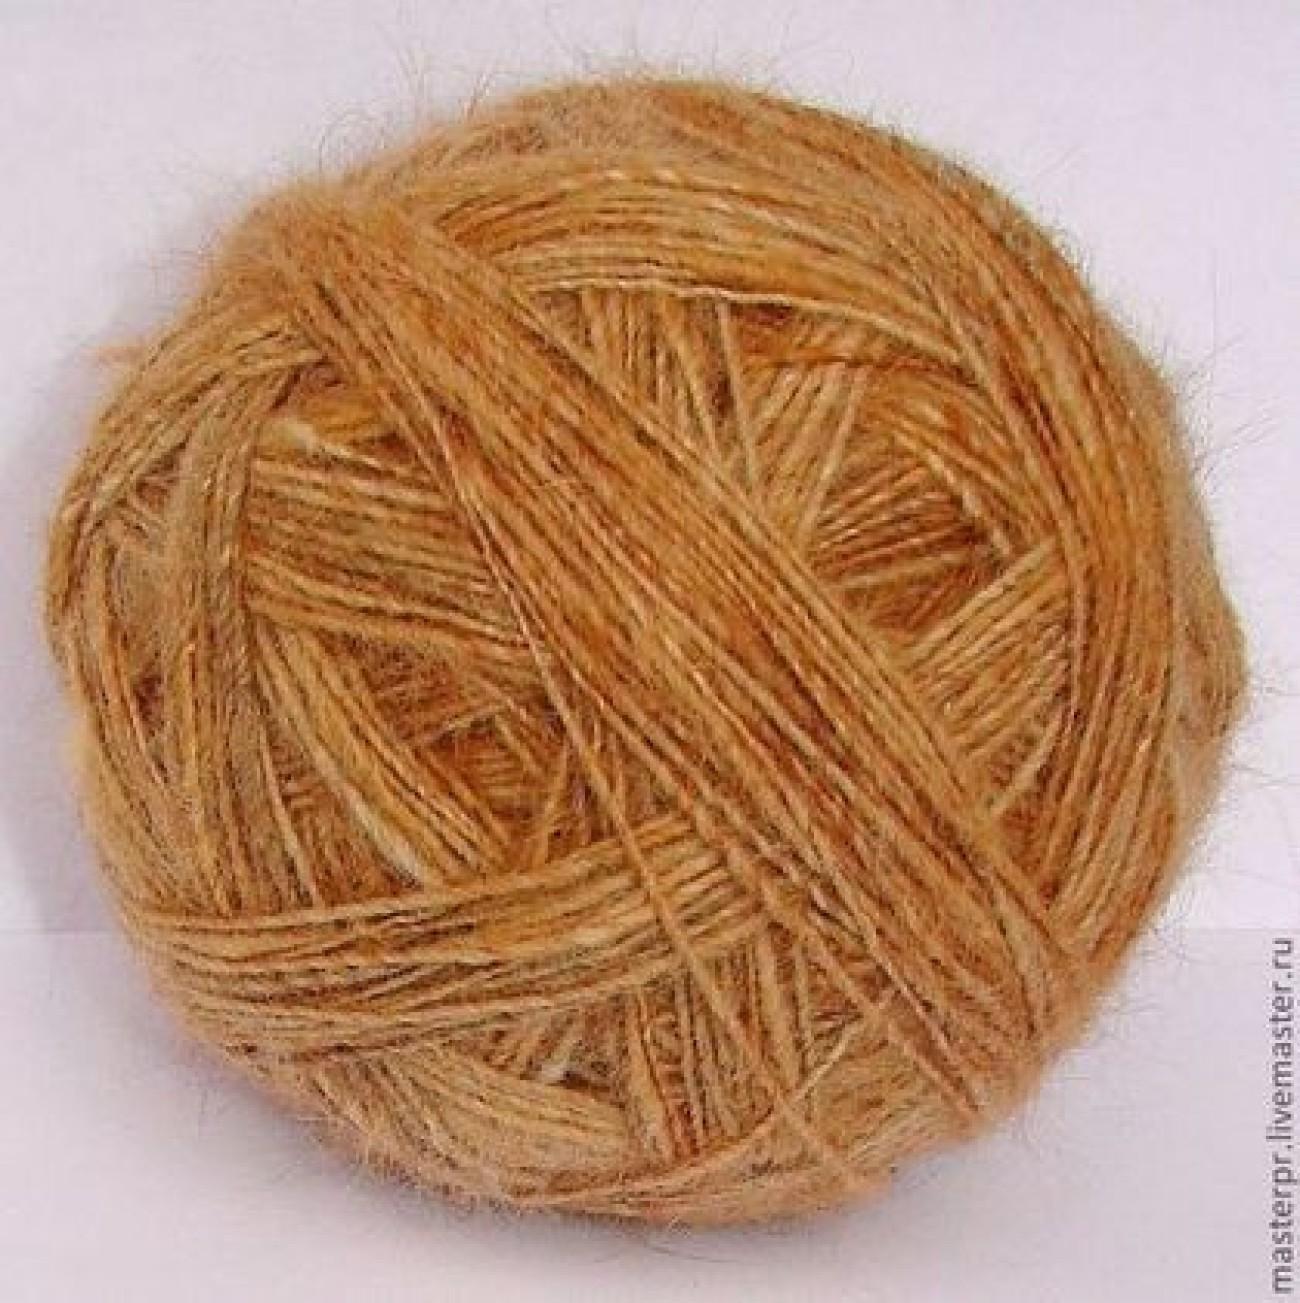 Пряжа ручного прядения «Леонбергер» из собачьей шерсти